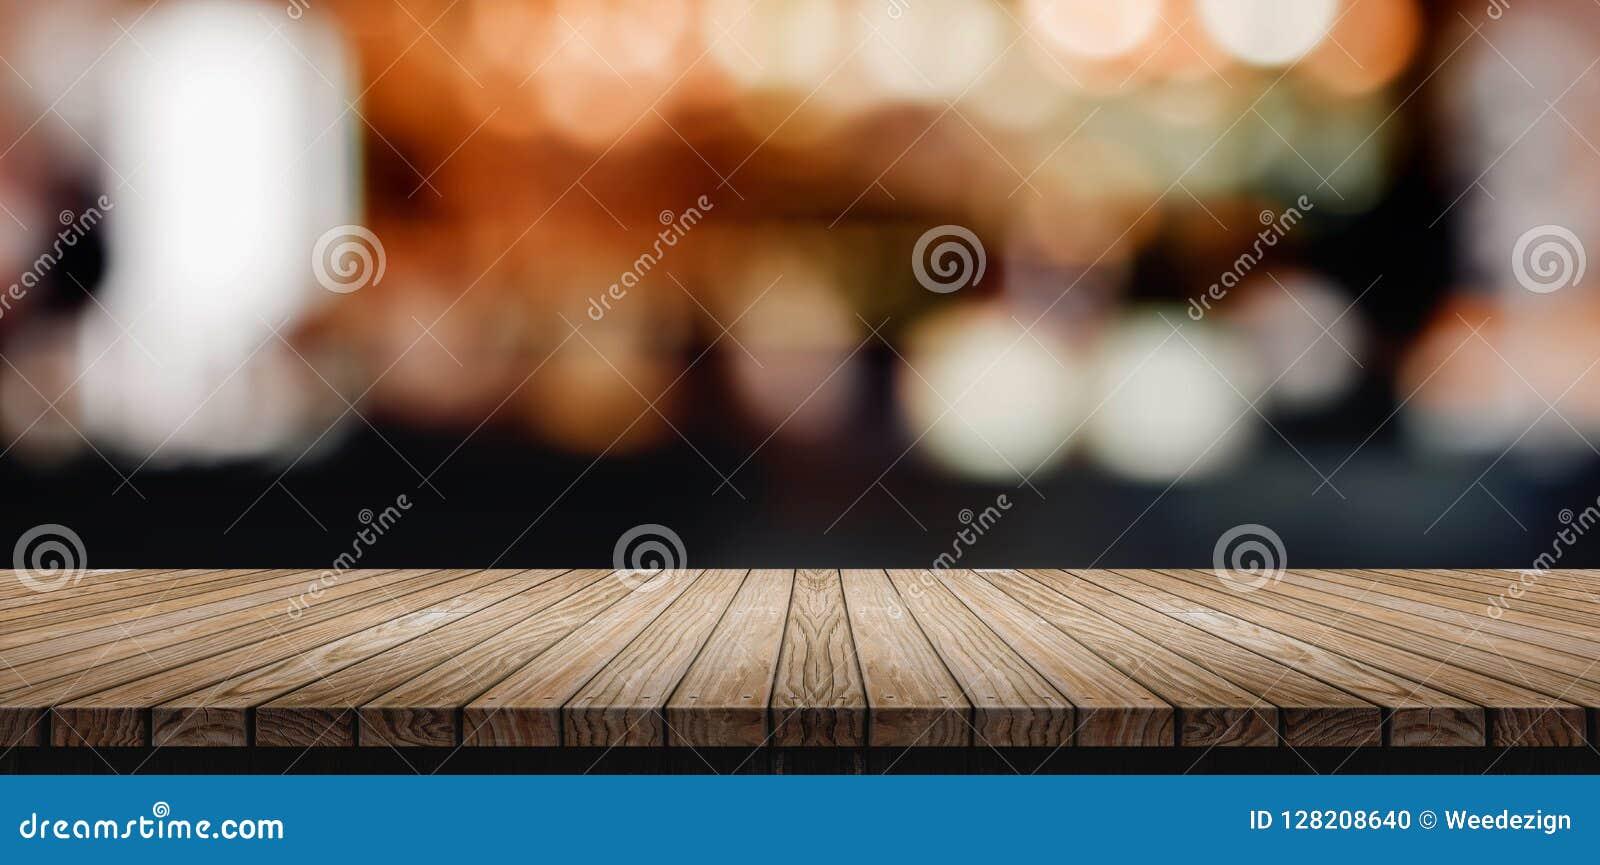 Dessus de table en bois de planche avec le compteur de barre de boîte de nuit de tache floue avec le bokeh